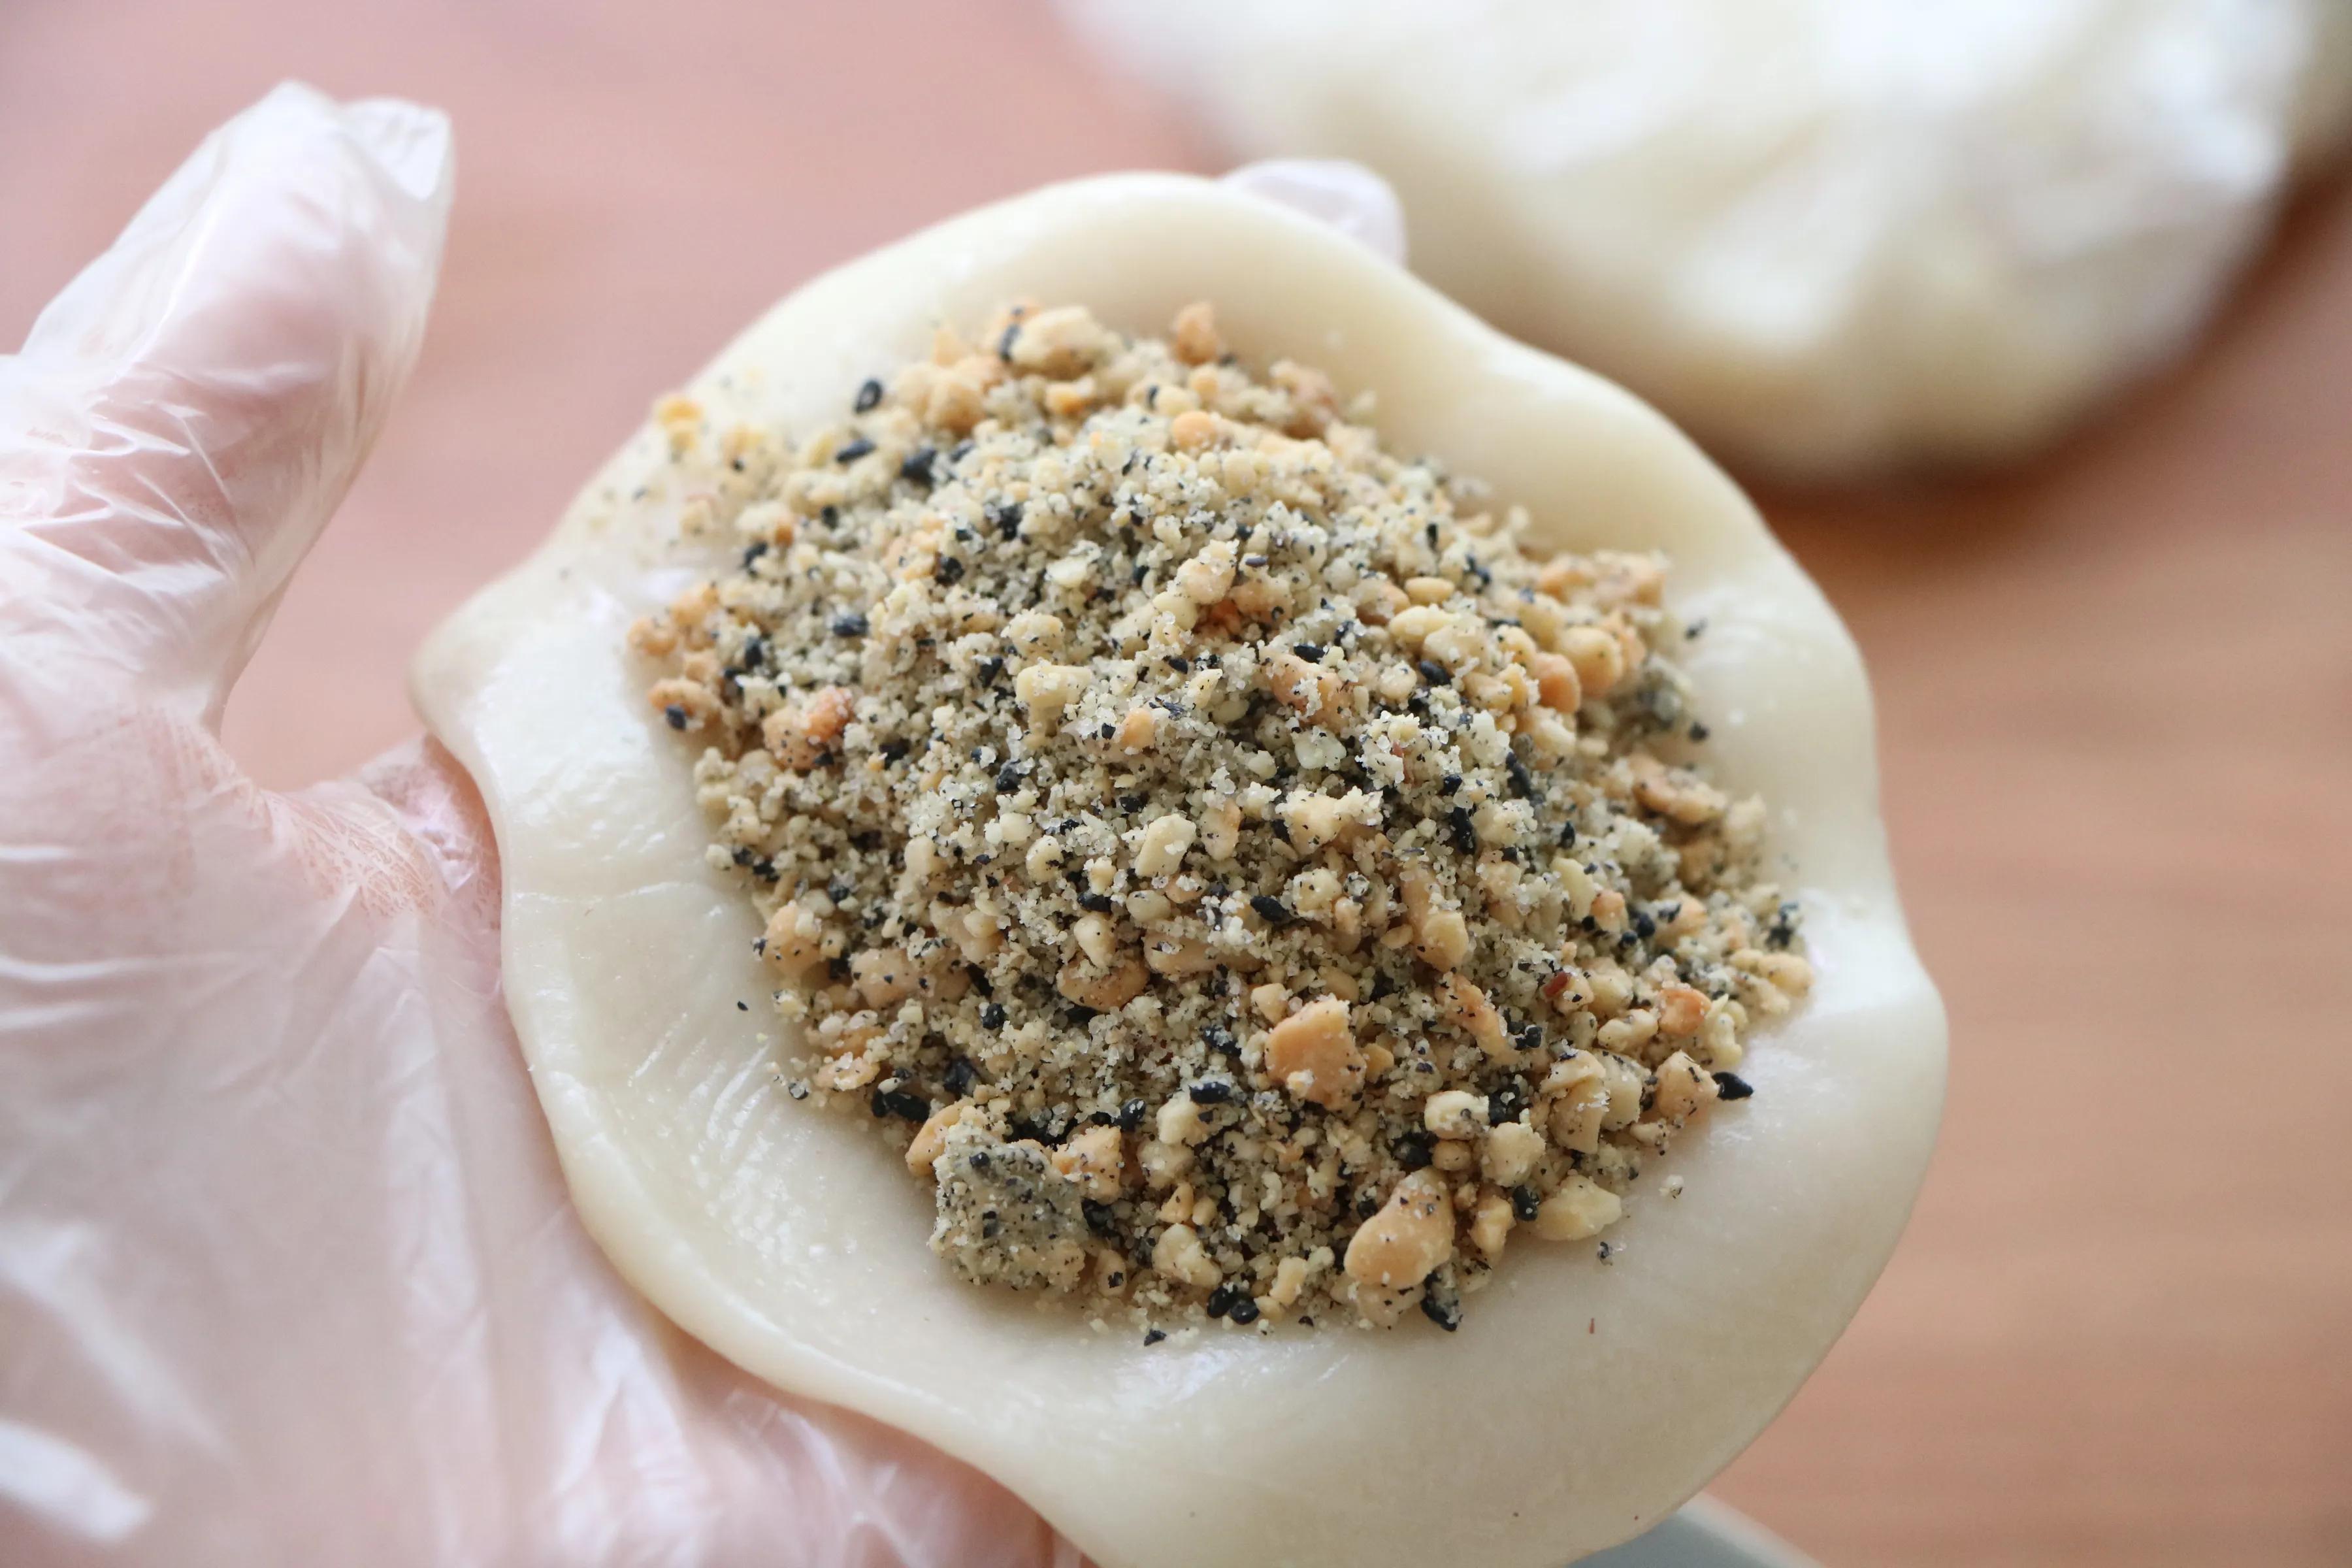 糯米粉這樣做,比湯圓簡單又好吃,還能當甜點,美味營養兩不誤!